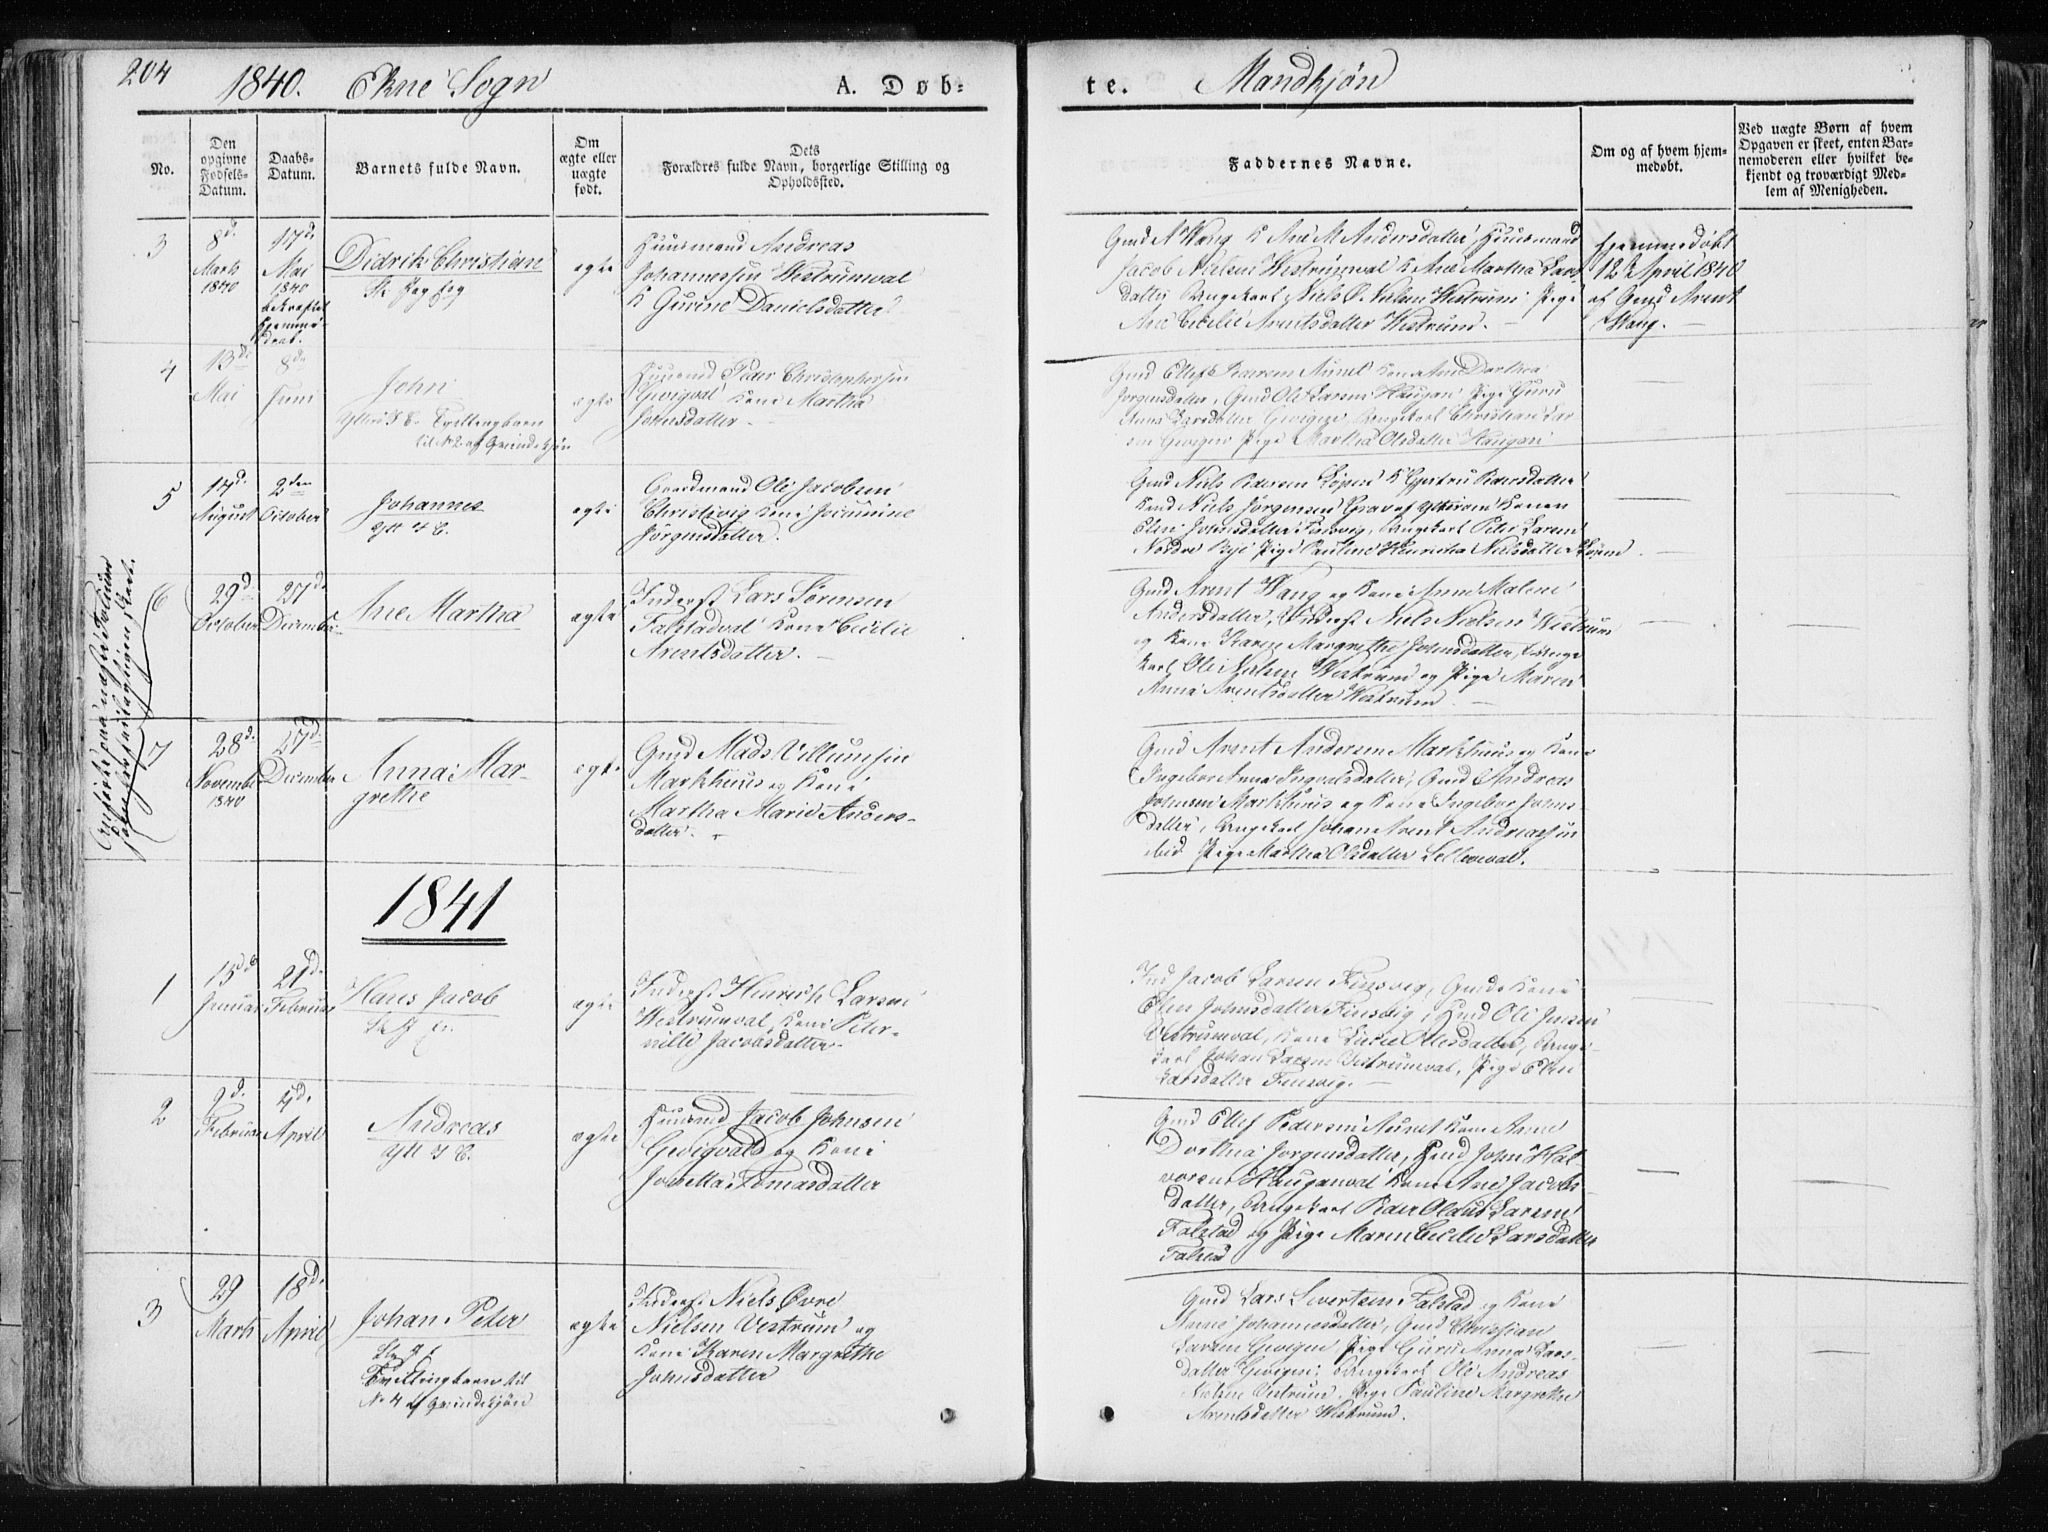 SAT, Ministerialprotokoller, klokkerbøker og fødselsregistre - Nord-Trøndelag, 717/L0154: Ministerialbok nr. 717A06 /2, 1836-1849, s. 204